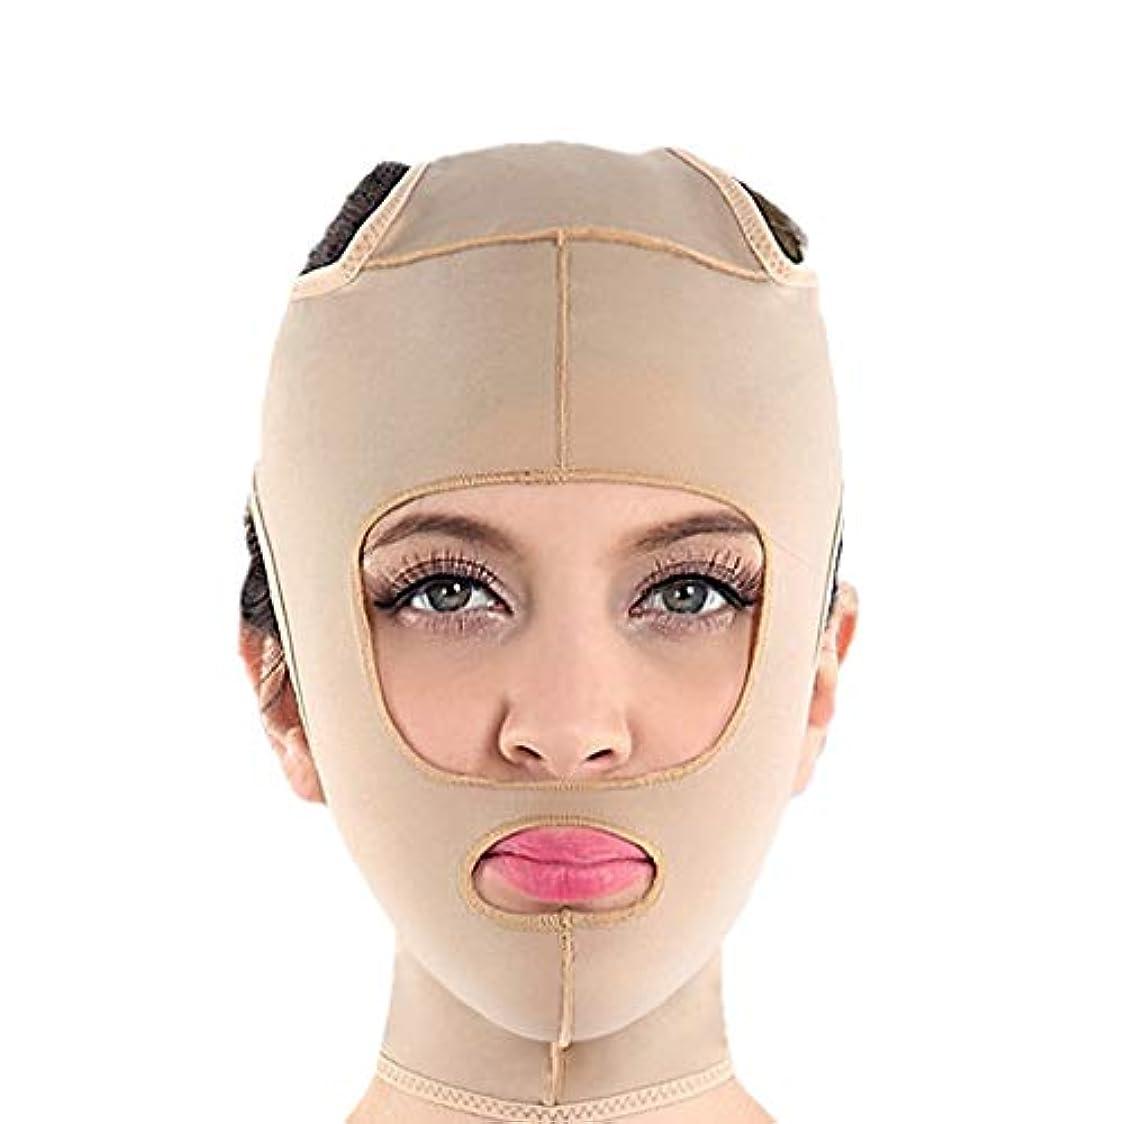 コインフォアマン火XHLMRMJ フェイスリフティング、ダブルチンストラップ、フェイシャル減量マスク、ダブルチンを減らすリフティングヌードル、ファーミングフェイス、パワフルリフティングマスク (Size : L)